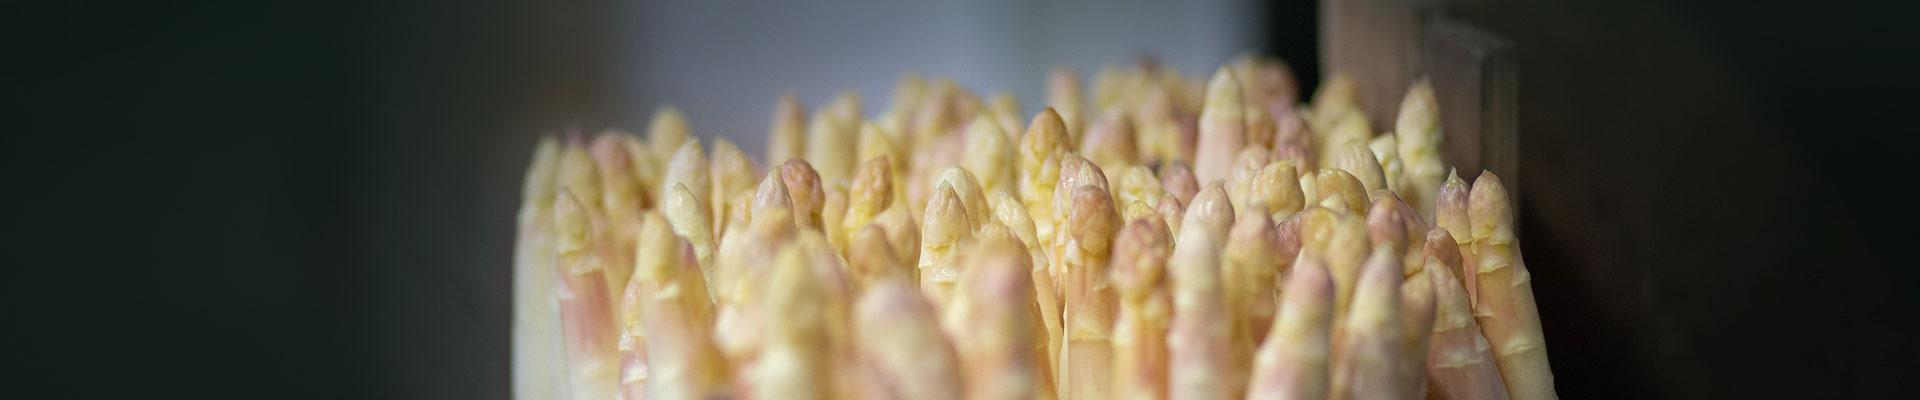 asperges-bandeau-contact